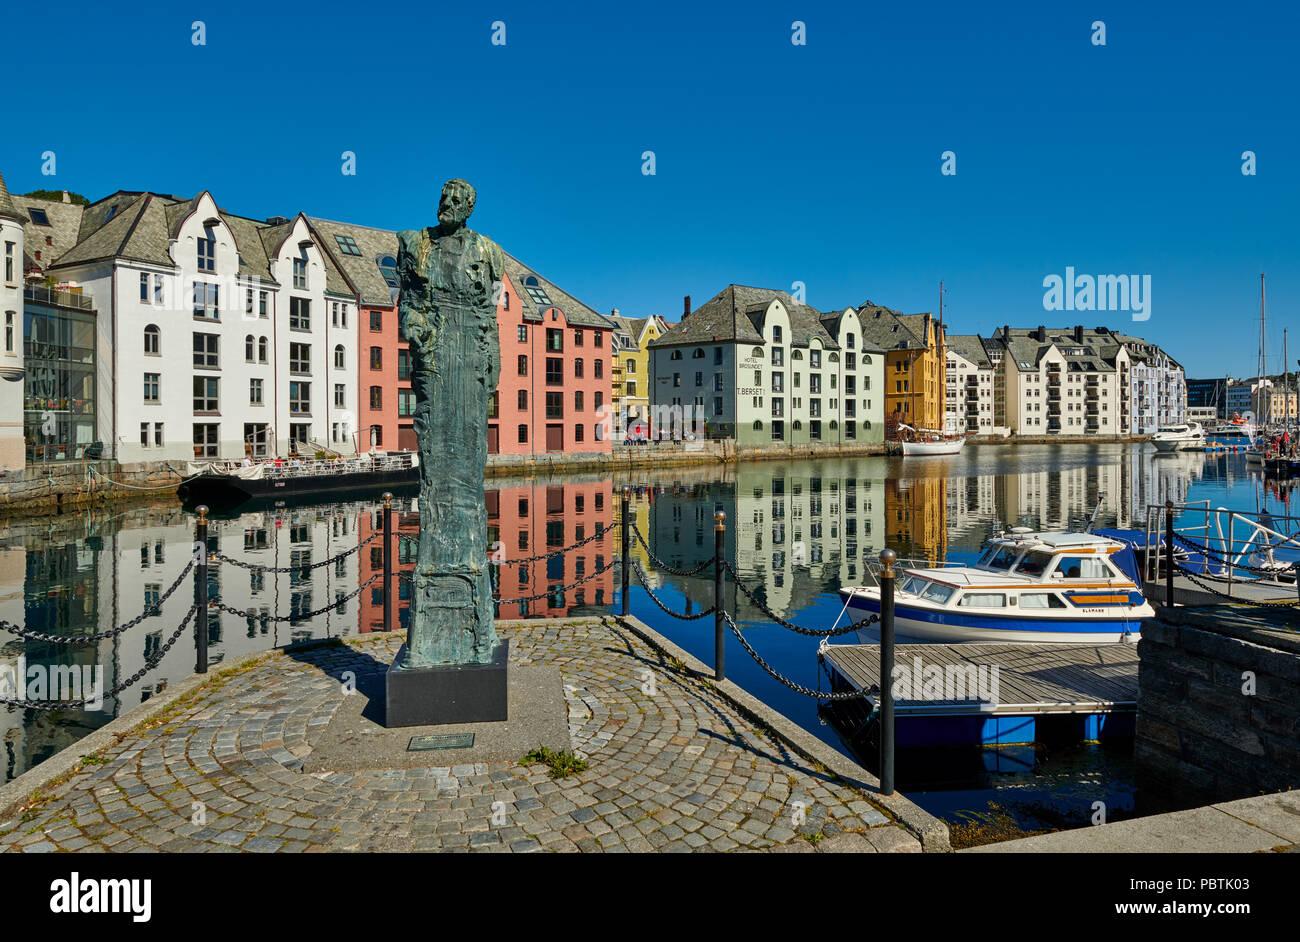 Statue vor der alte Hafen mit historischem Jugendstil Gebäuden, Ålesund, Norwegen, Europa Stockbild